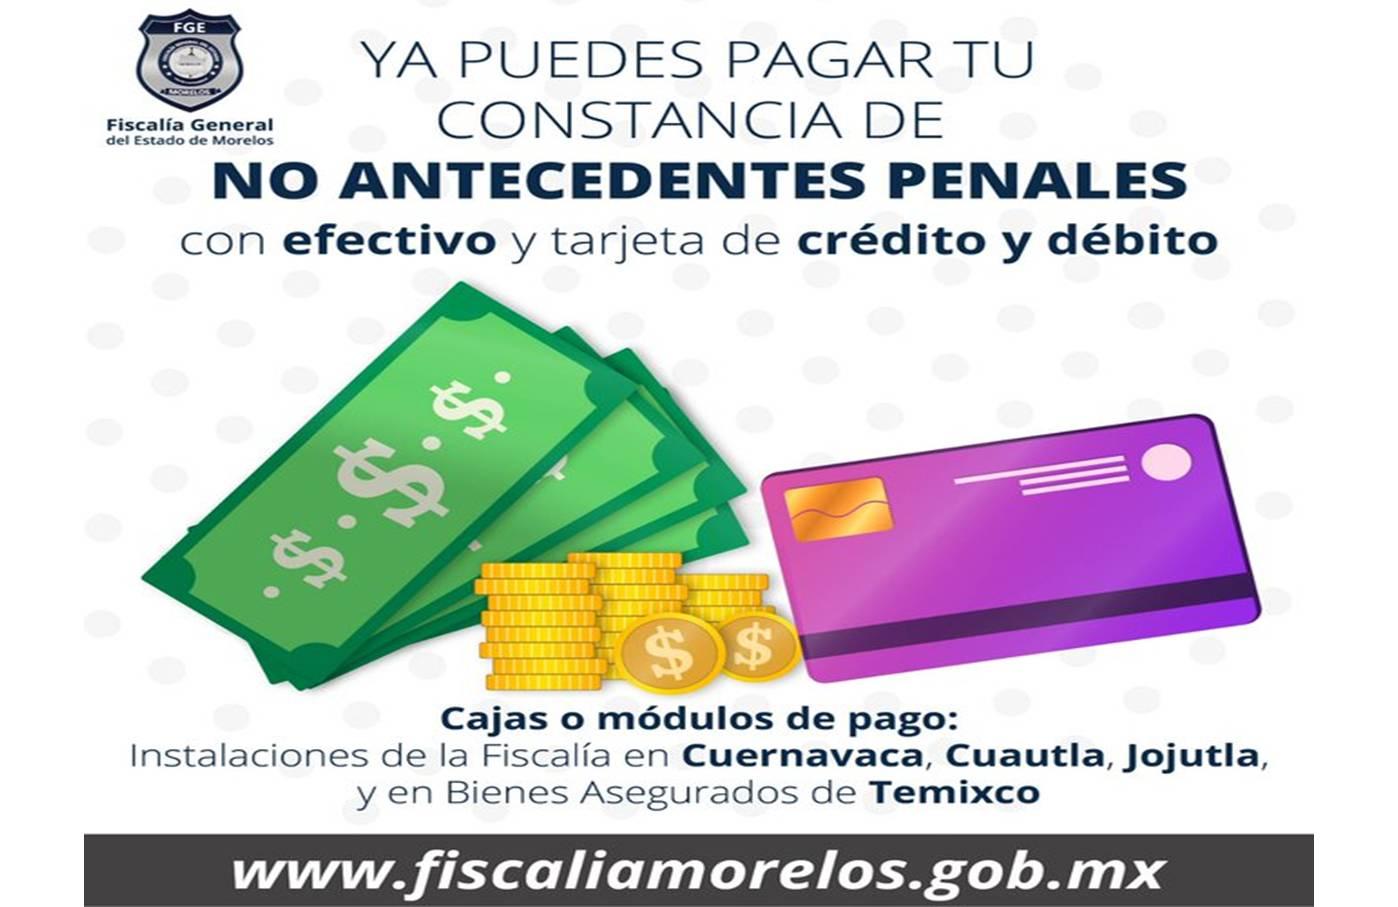 ¿Sabes Cómo Tramitar Tu Constancia De No Antecedentes Penales En Morelos? Aquí Te Contamos